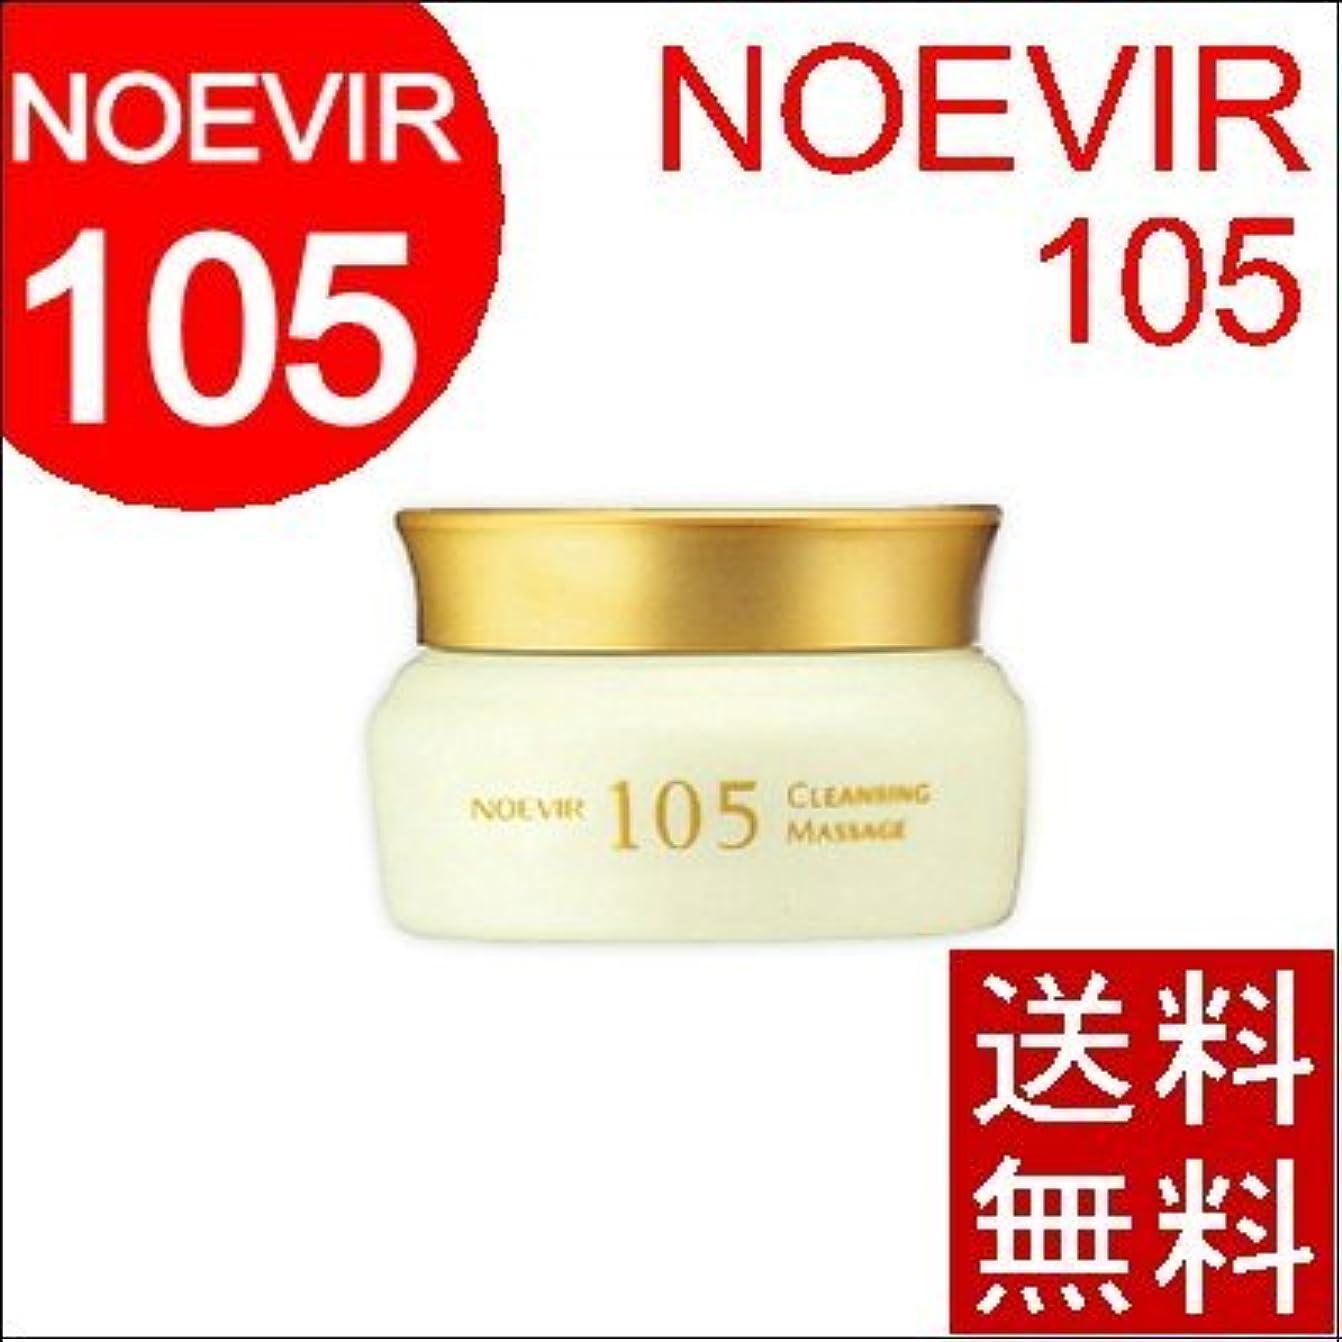 ノエビア 105 クレンジングマッサージクリームN 100g